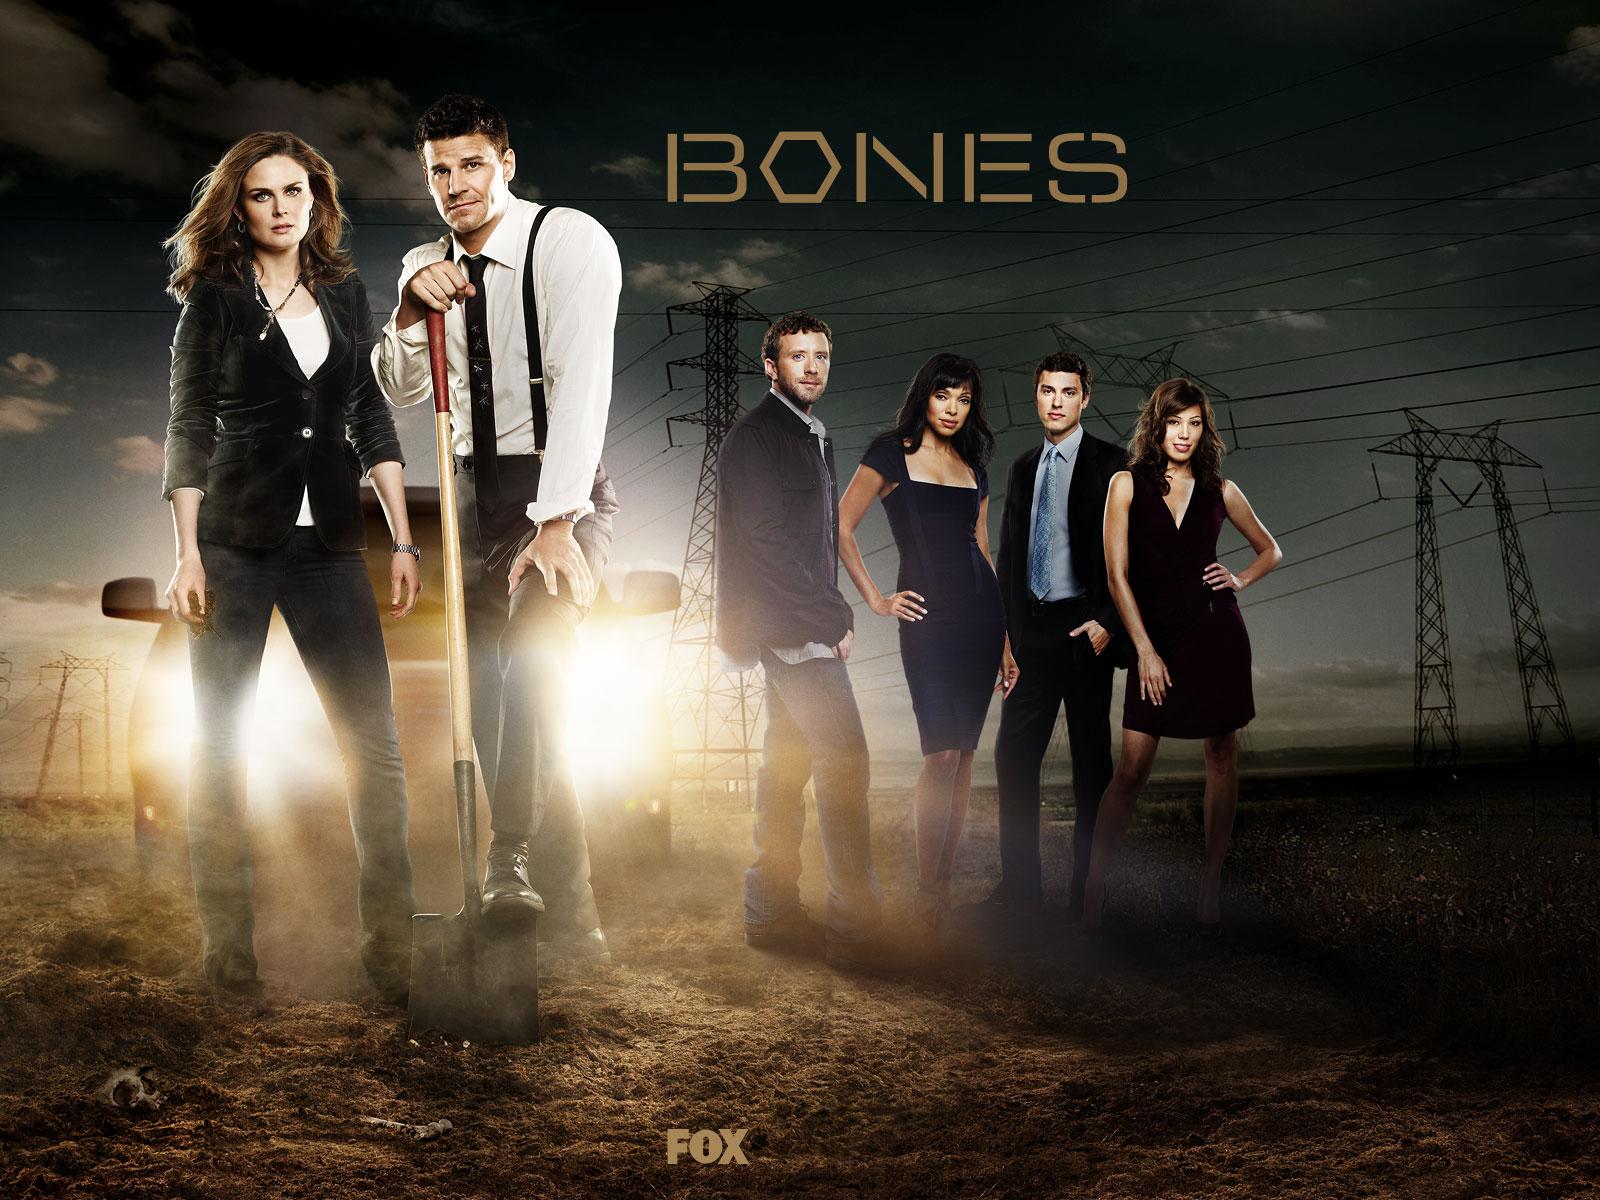 1600x1200 Bones TV Show Cast desktop PC and Mac wallpaper 1600x1200